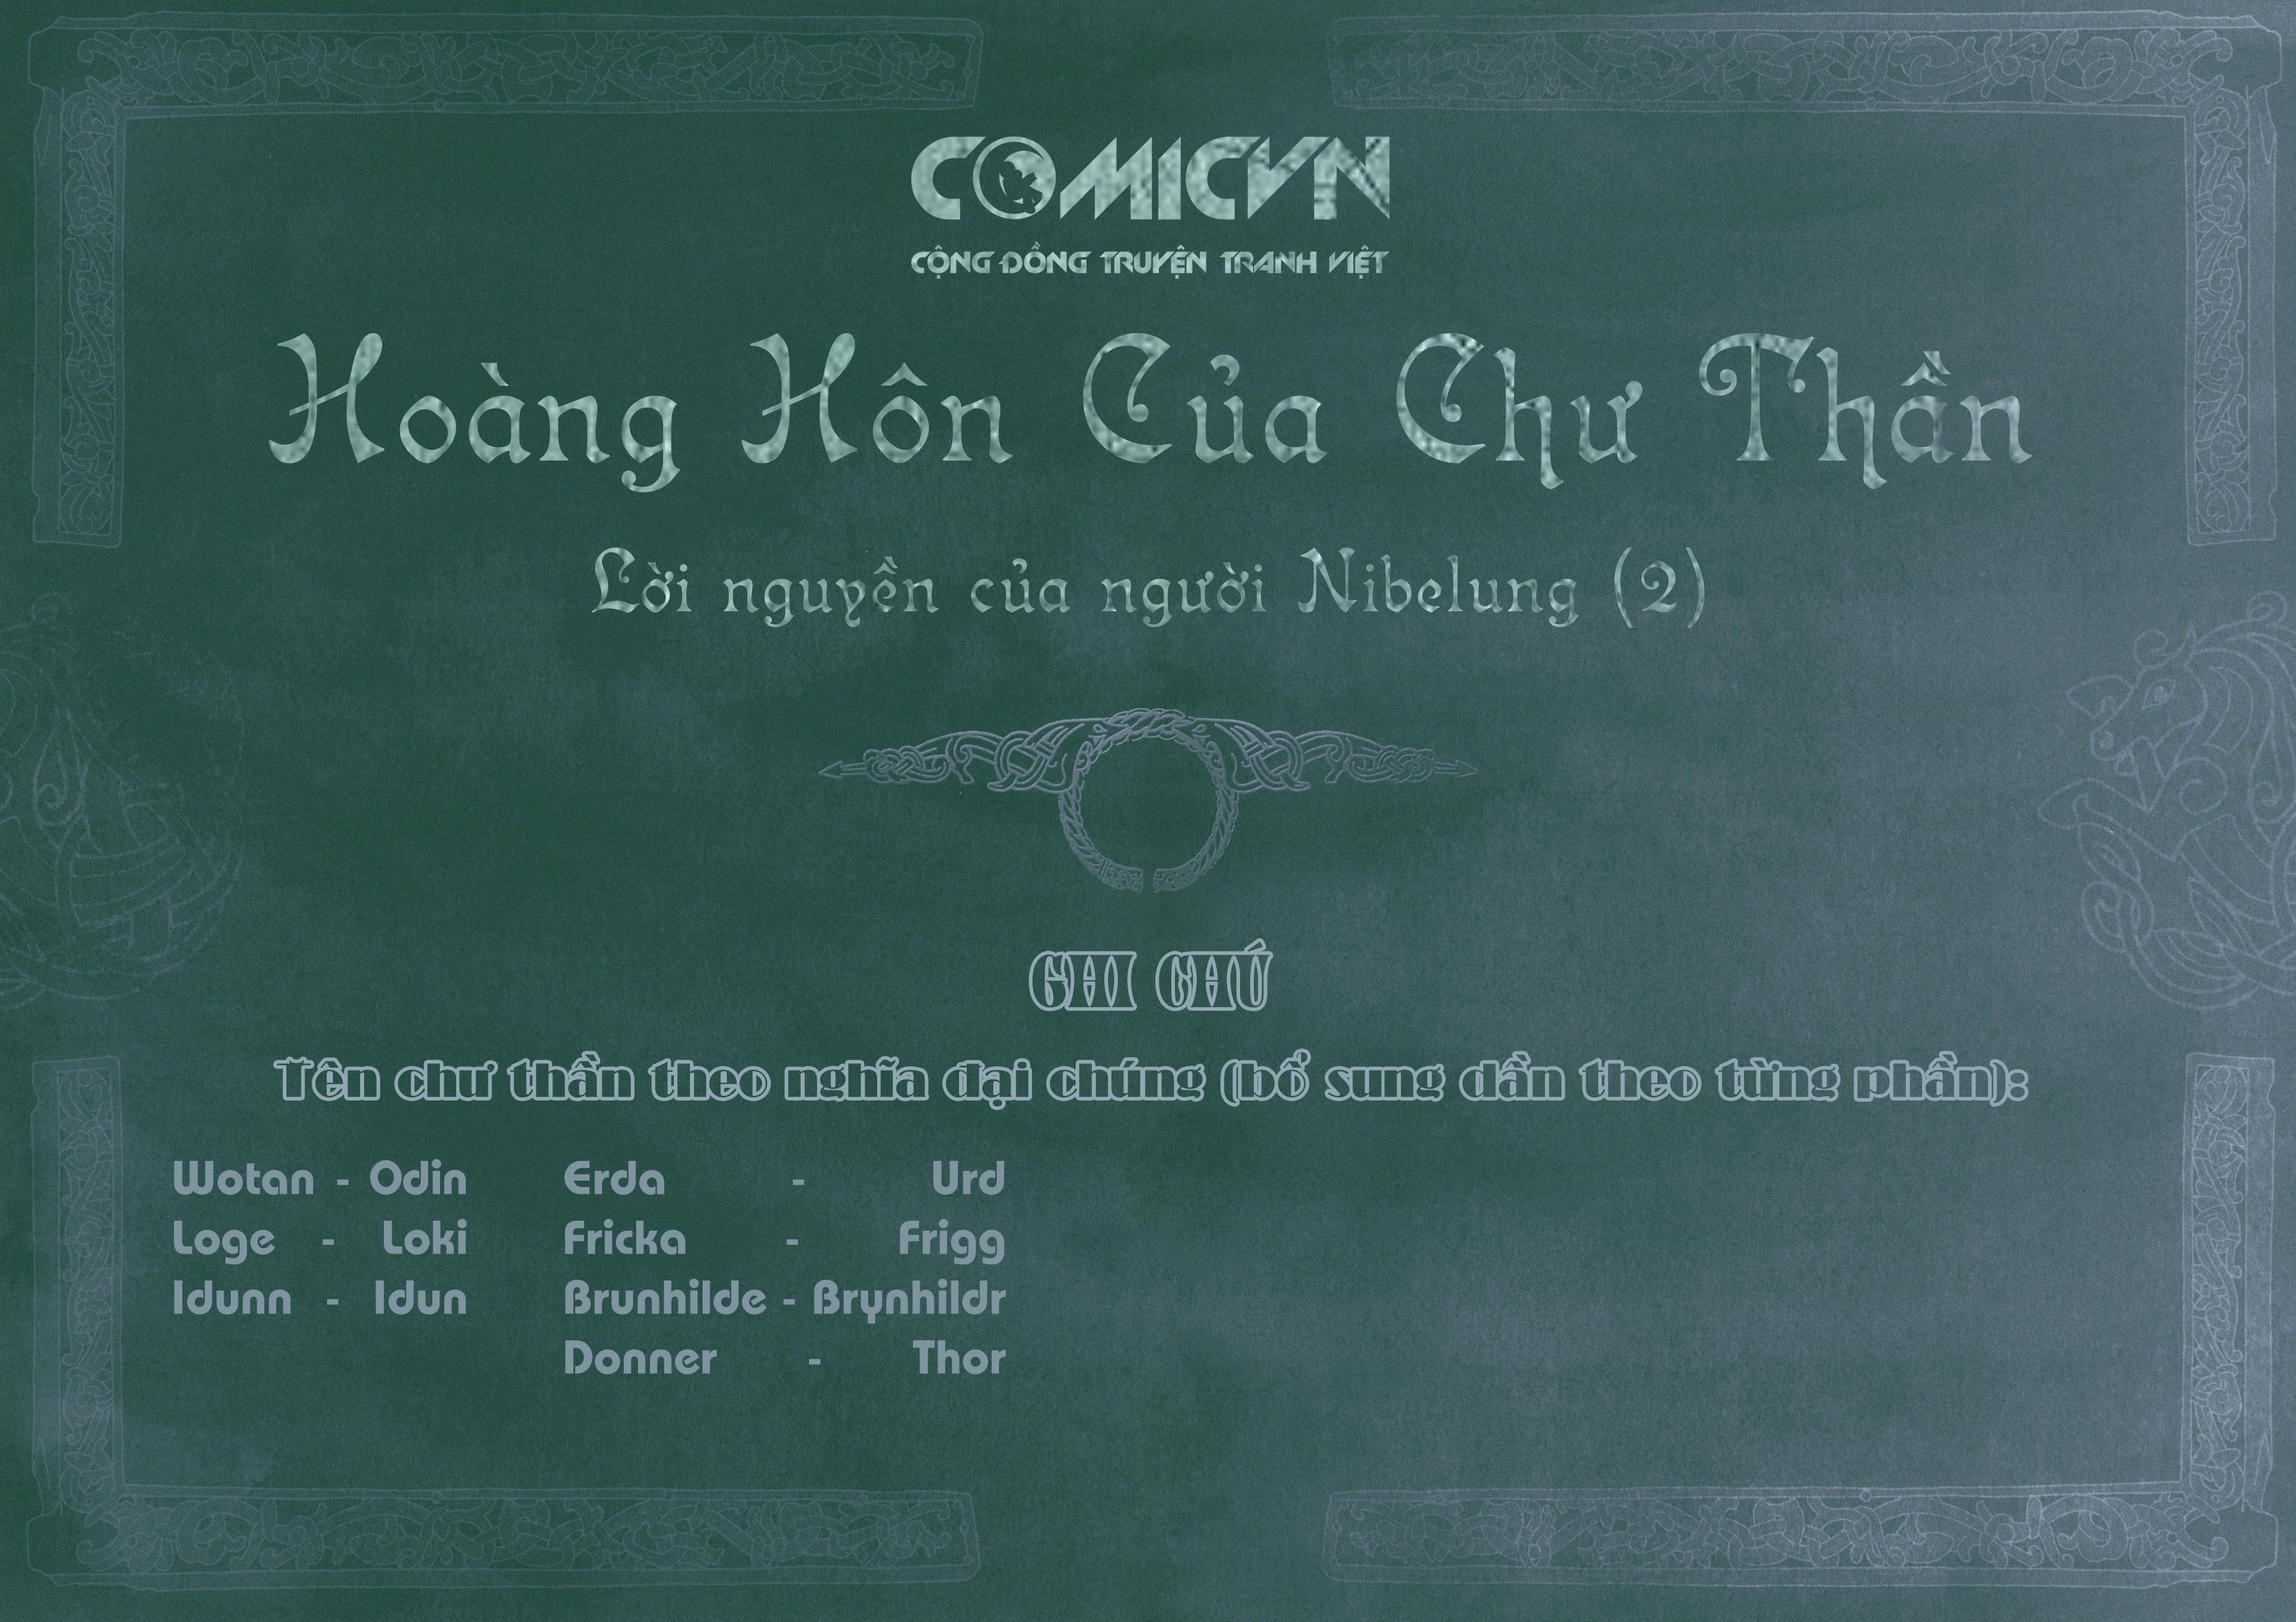 Twilight of the Gods - Hoàng Hôn Của Chư Thần